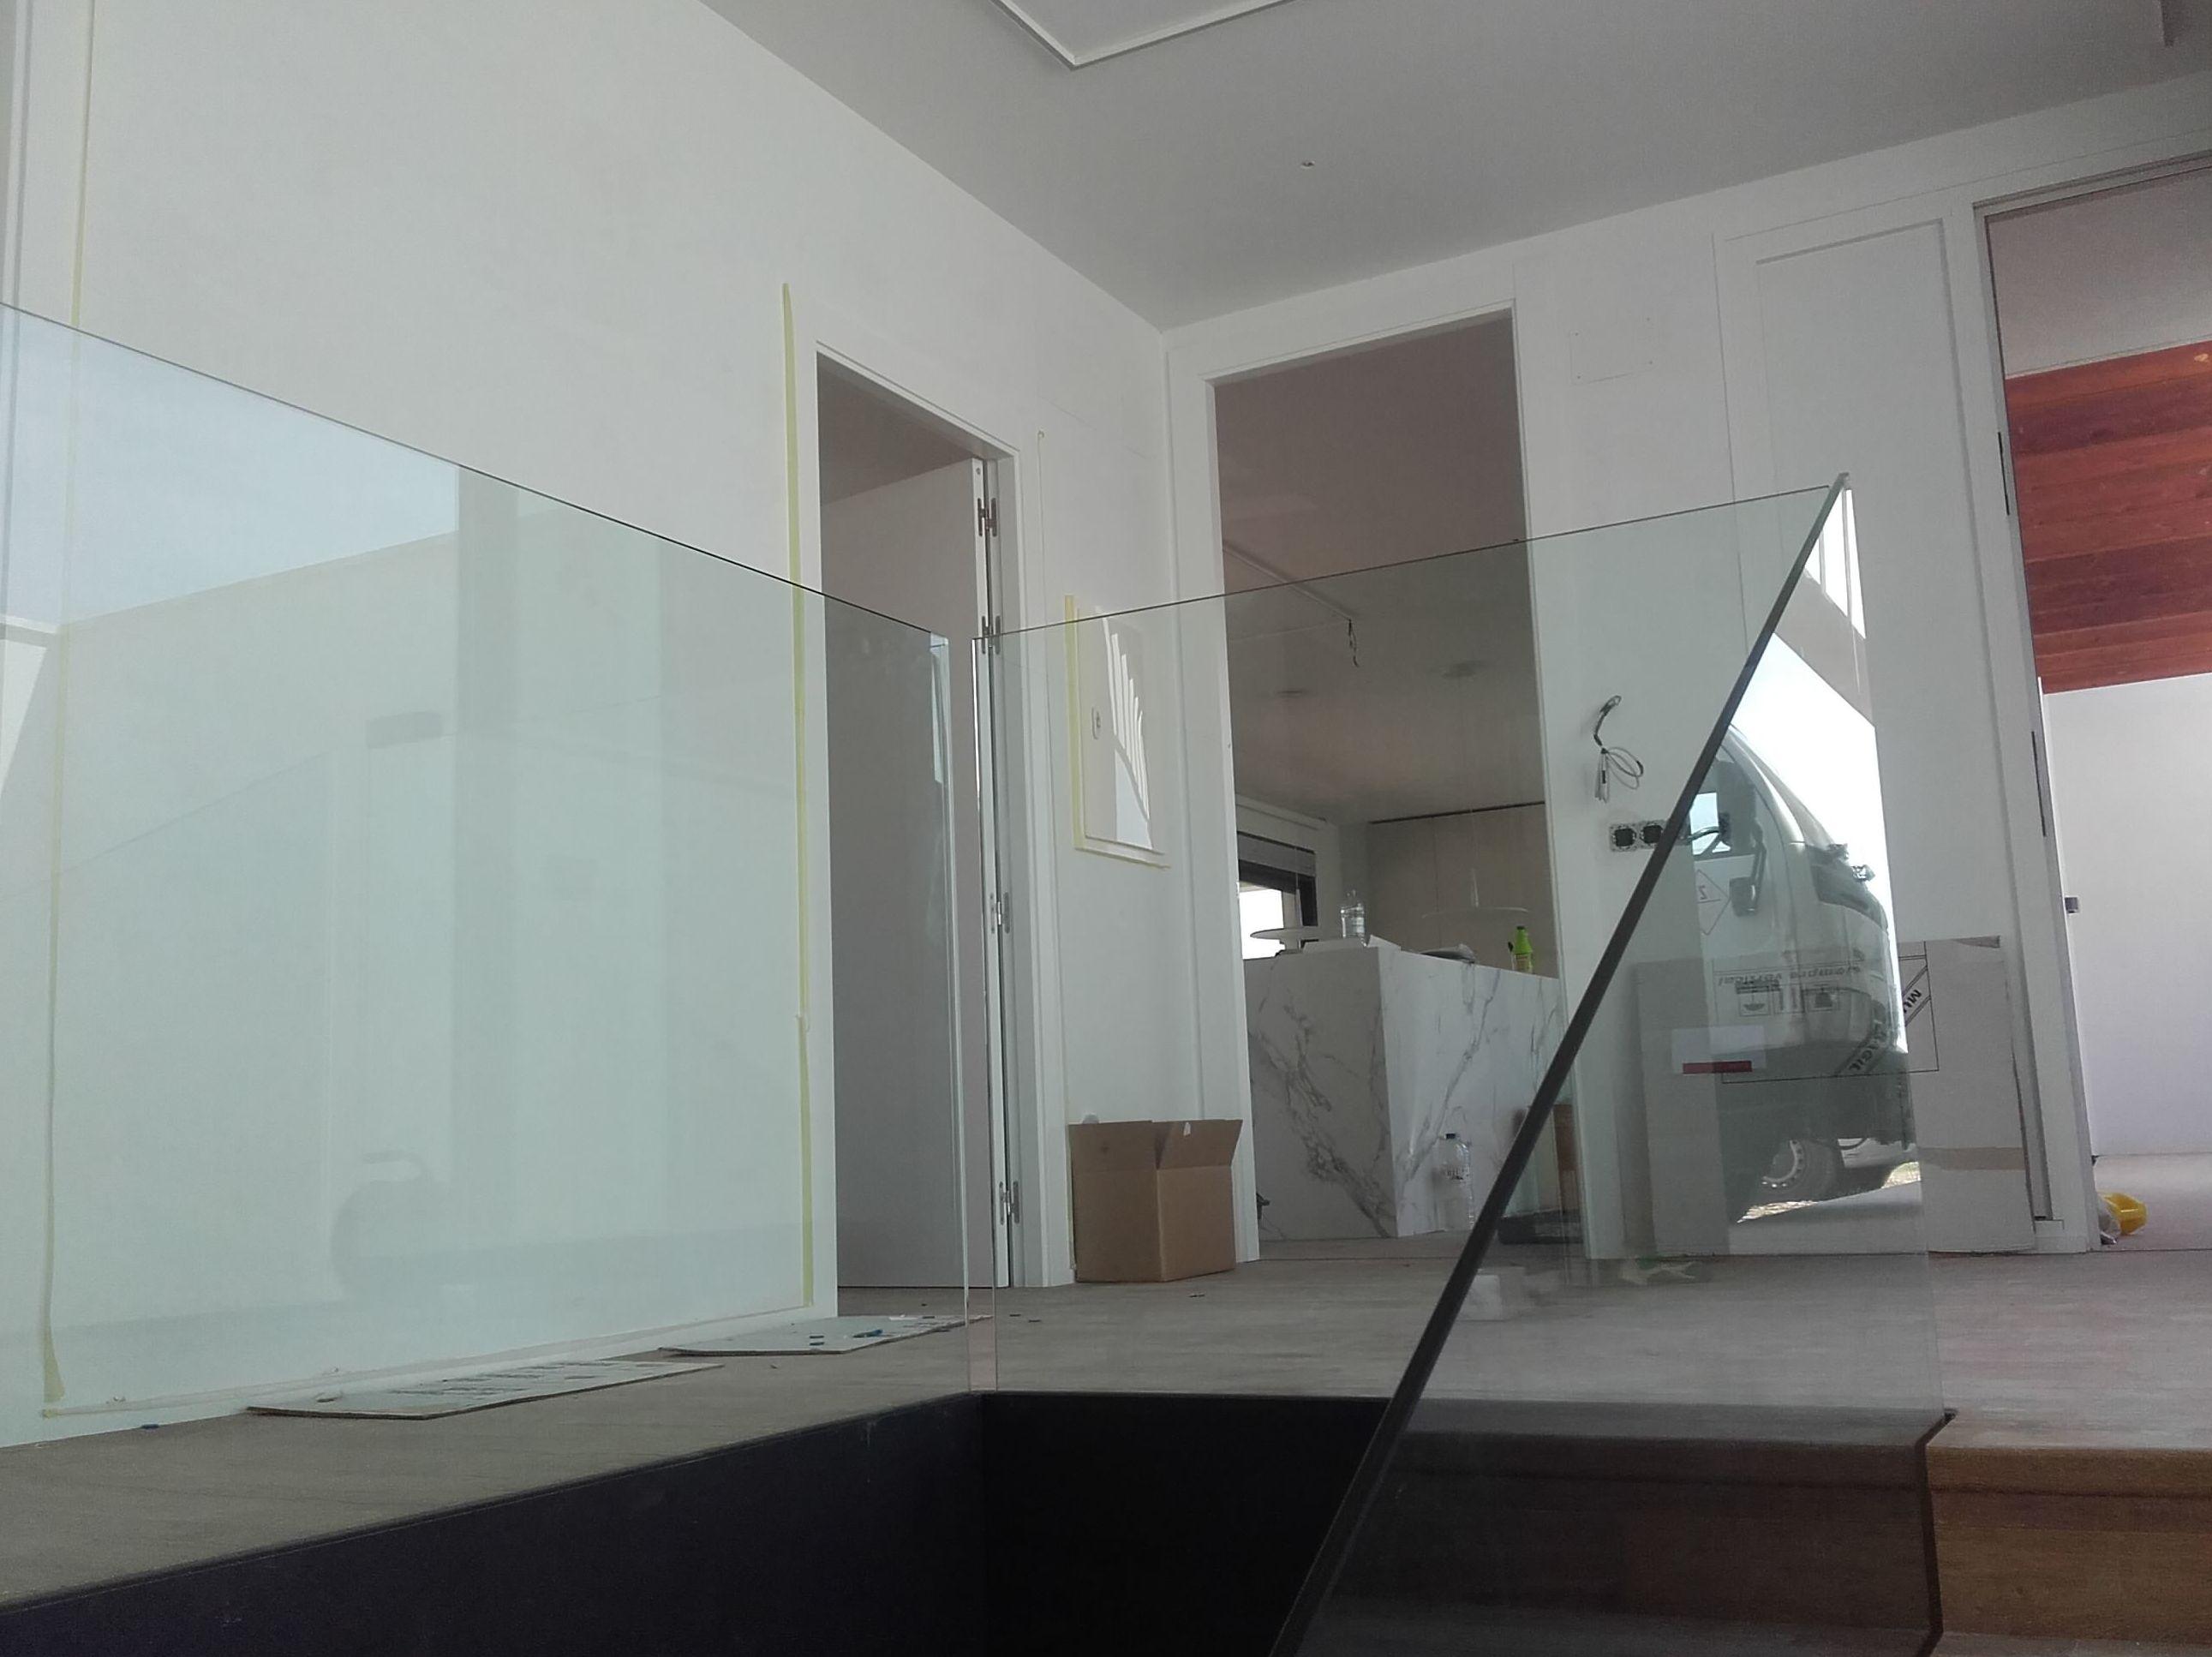 Barandillas en vidrio